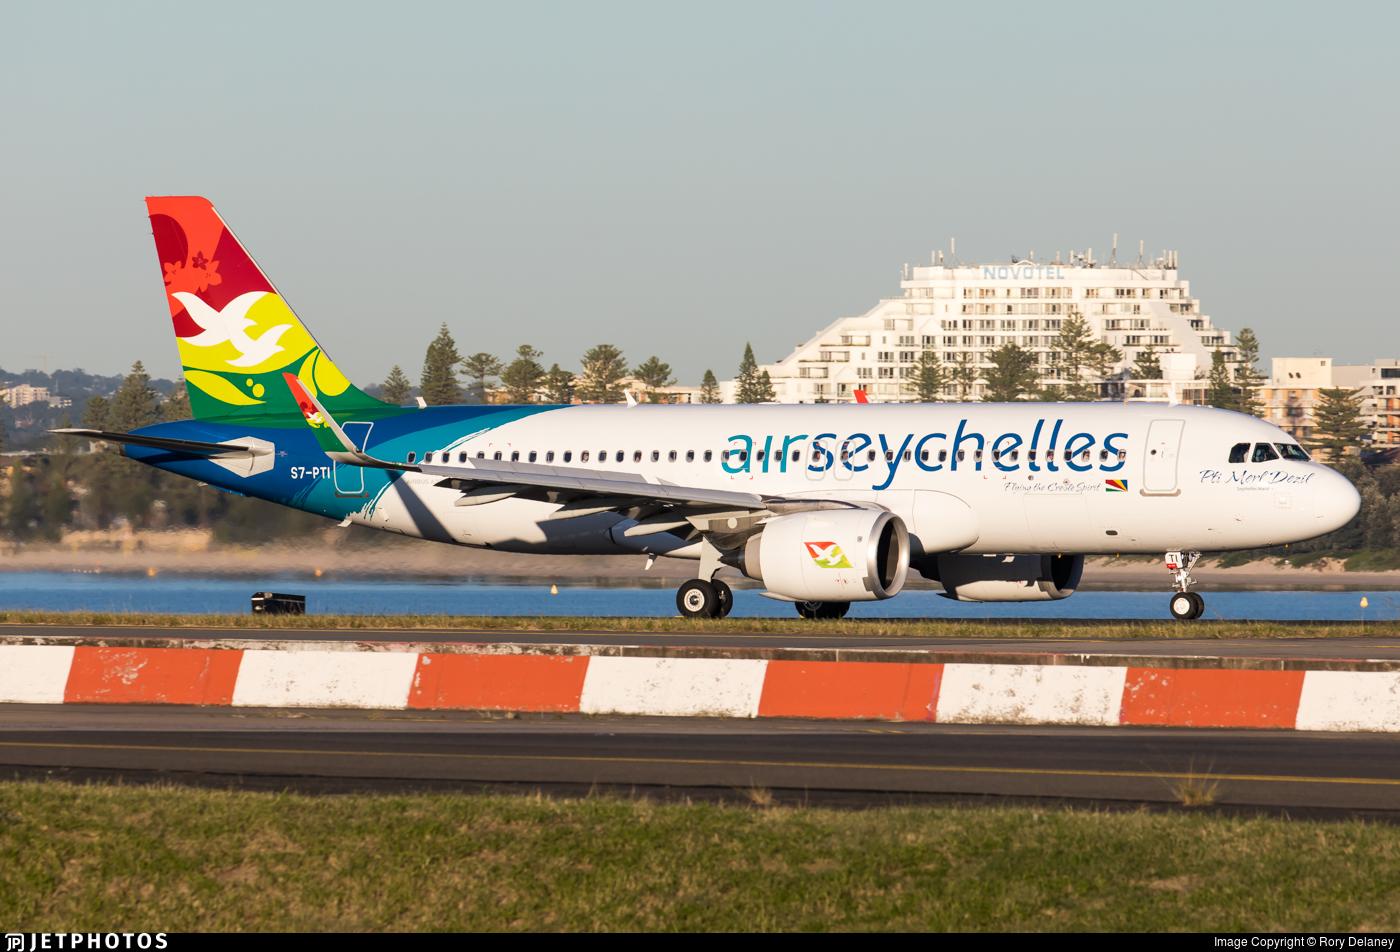 S7-PTI - Airbus A320-251N - Air Seychelles